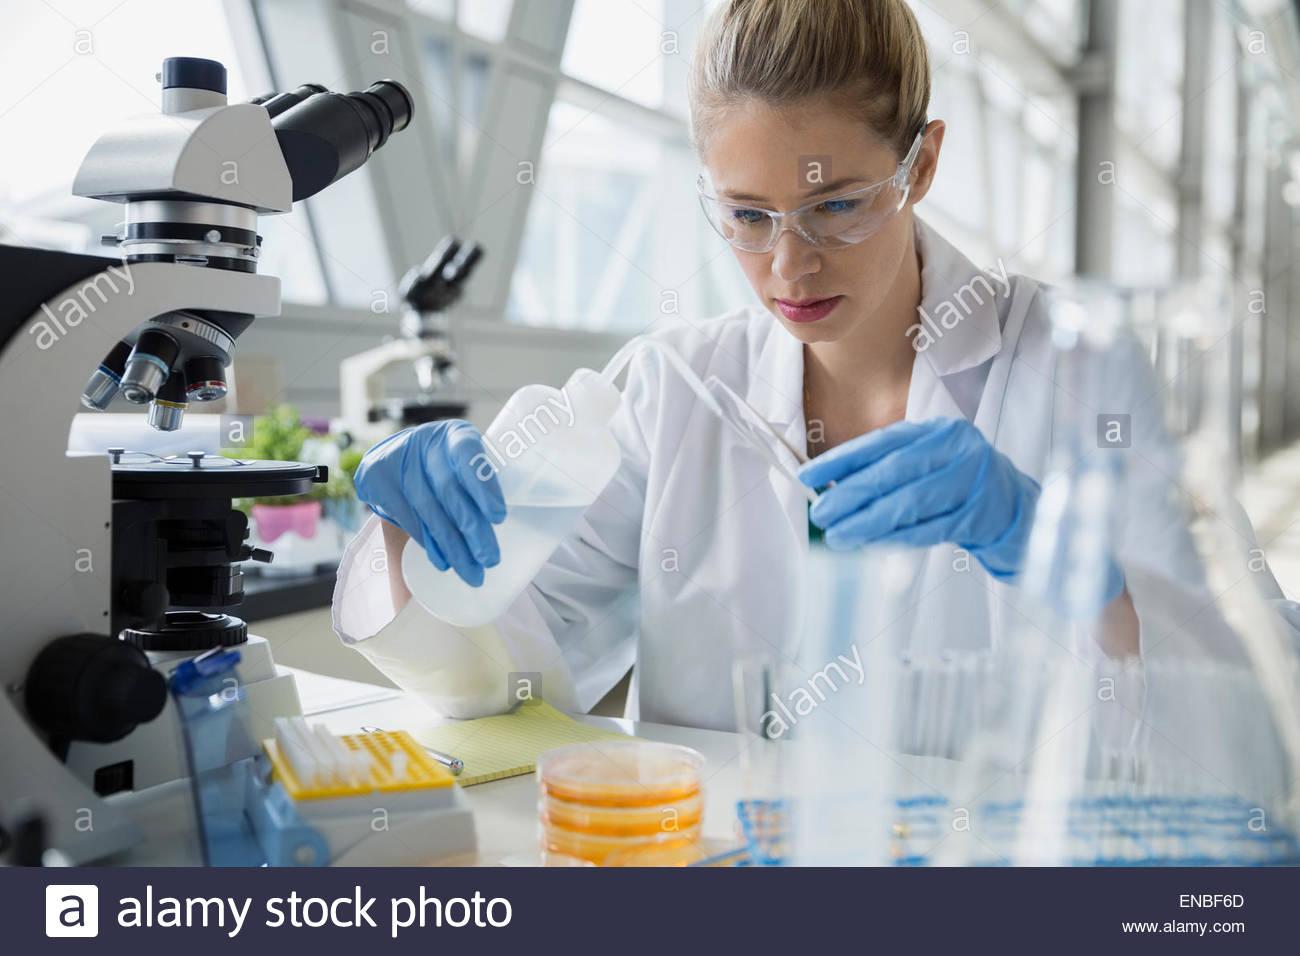 Focused scientist adding liquid to test tube - Stock Image